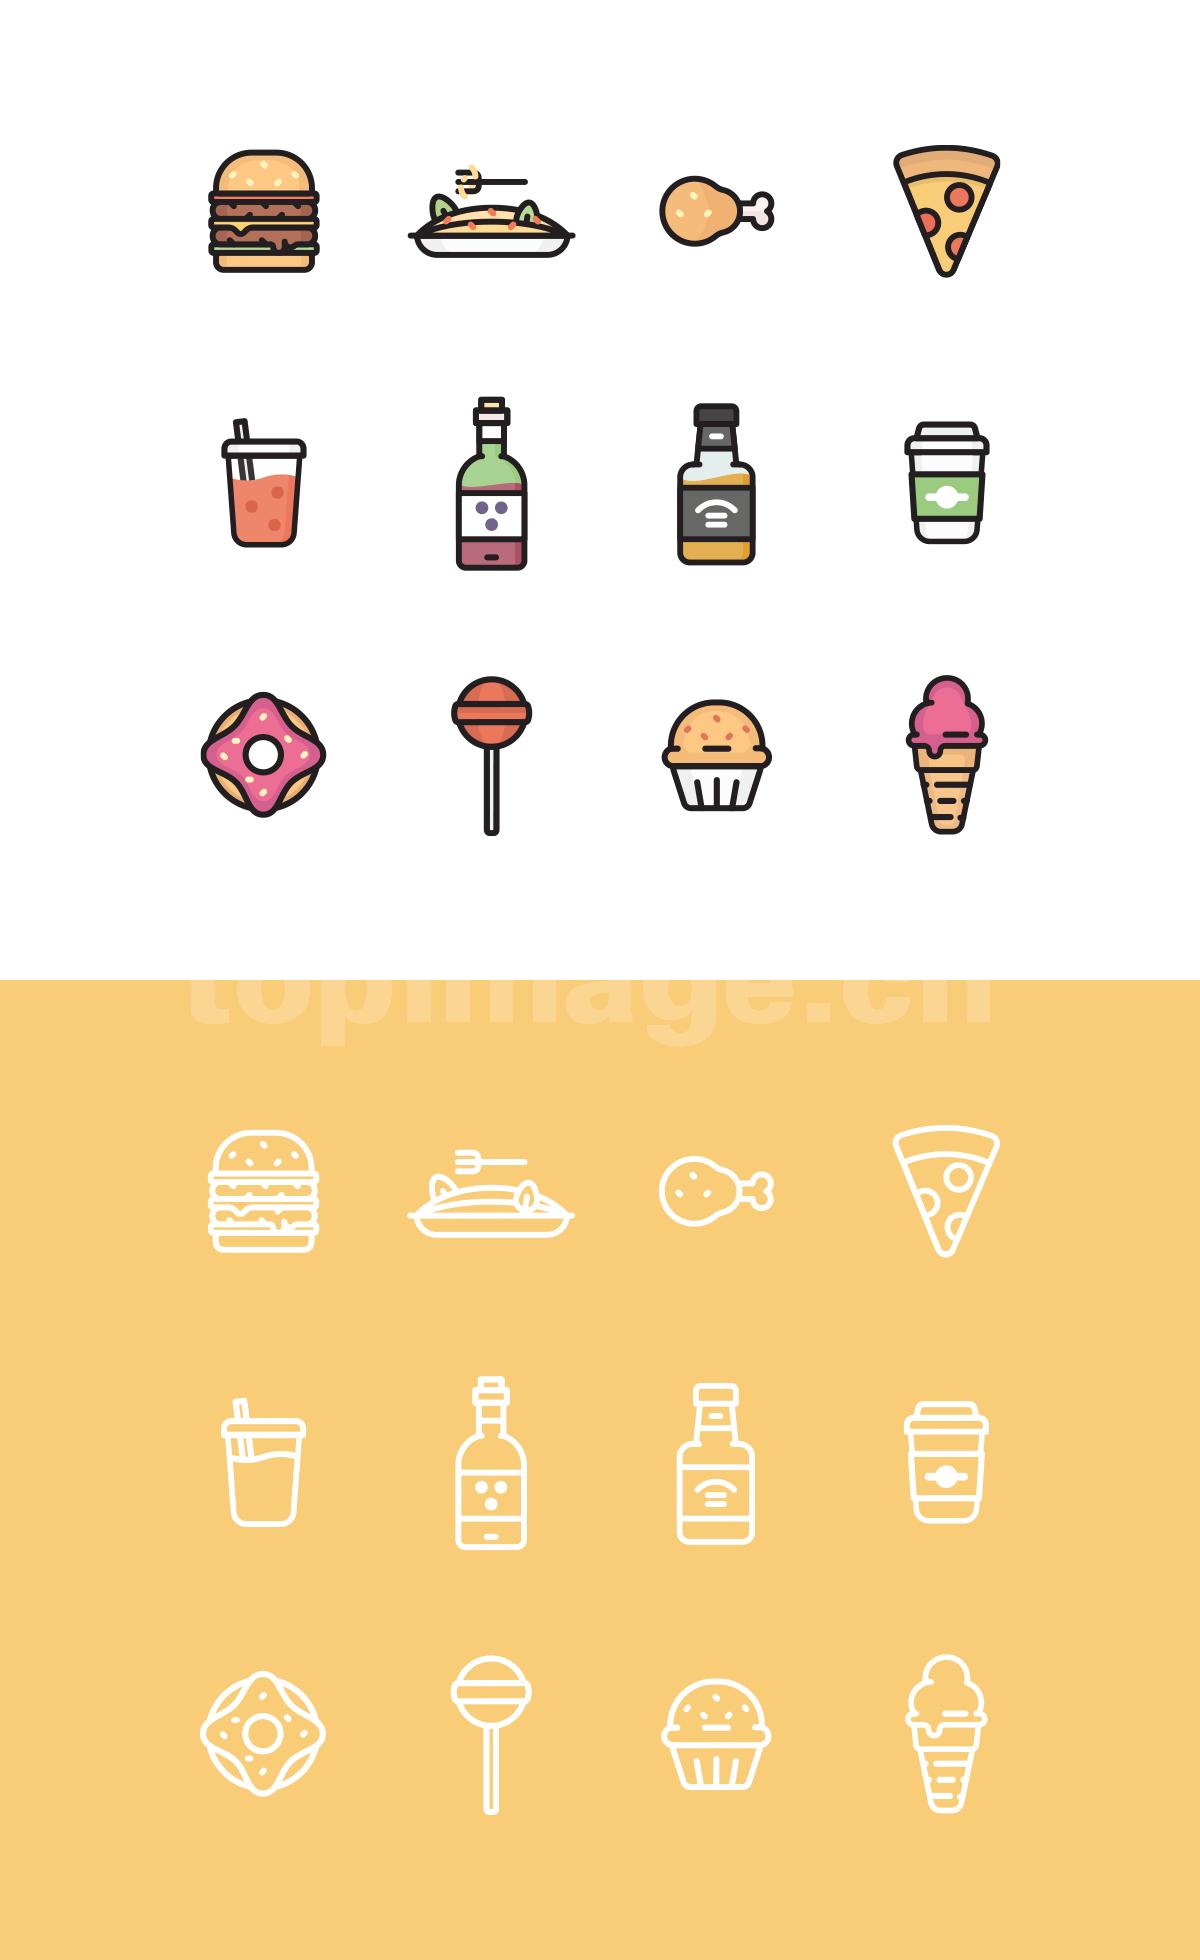 食物 酒水 汉堡包 可乐饮料 果汁 棒棒糖图标icon源文件下载